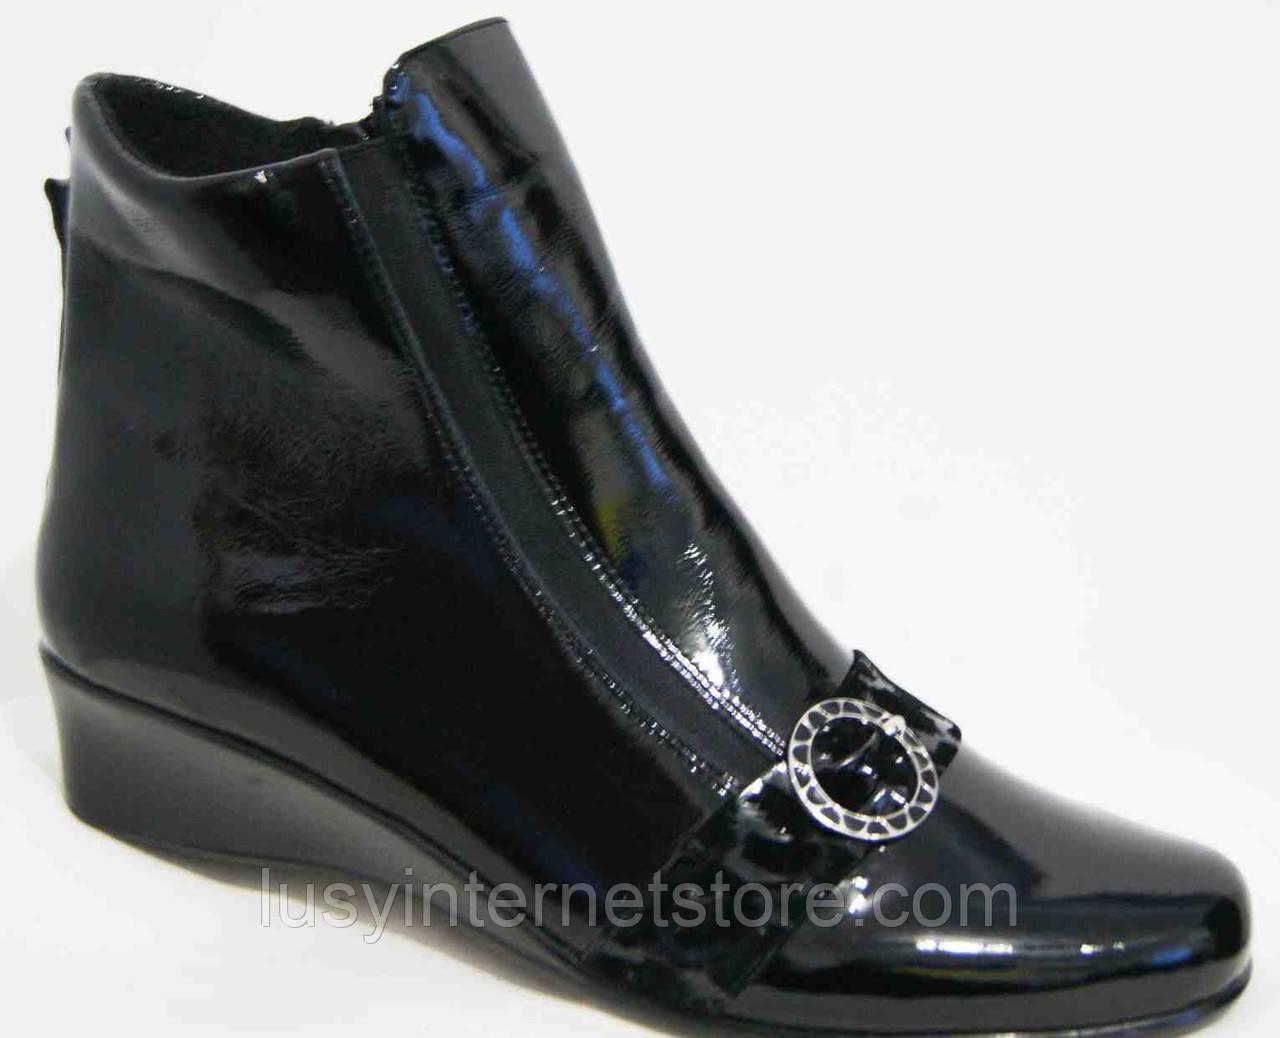 Кожаные ботинки большие размеры весна женские, обувь кожаная больших размеров от производителя модель МИ5251-2